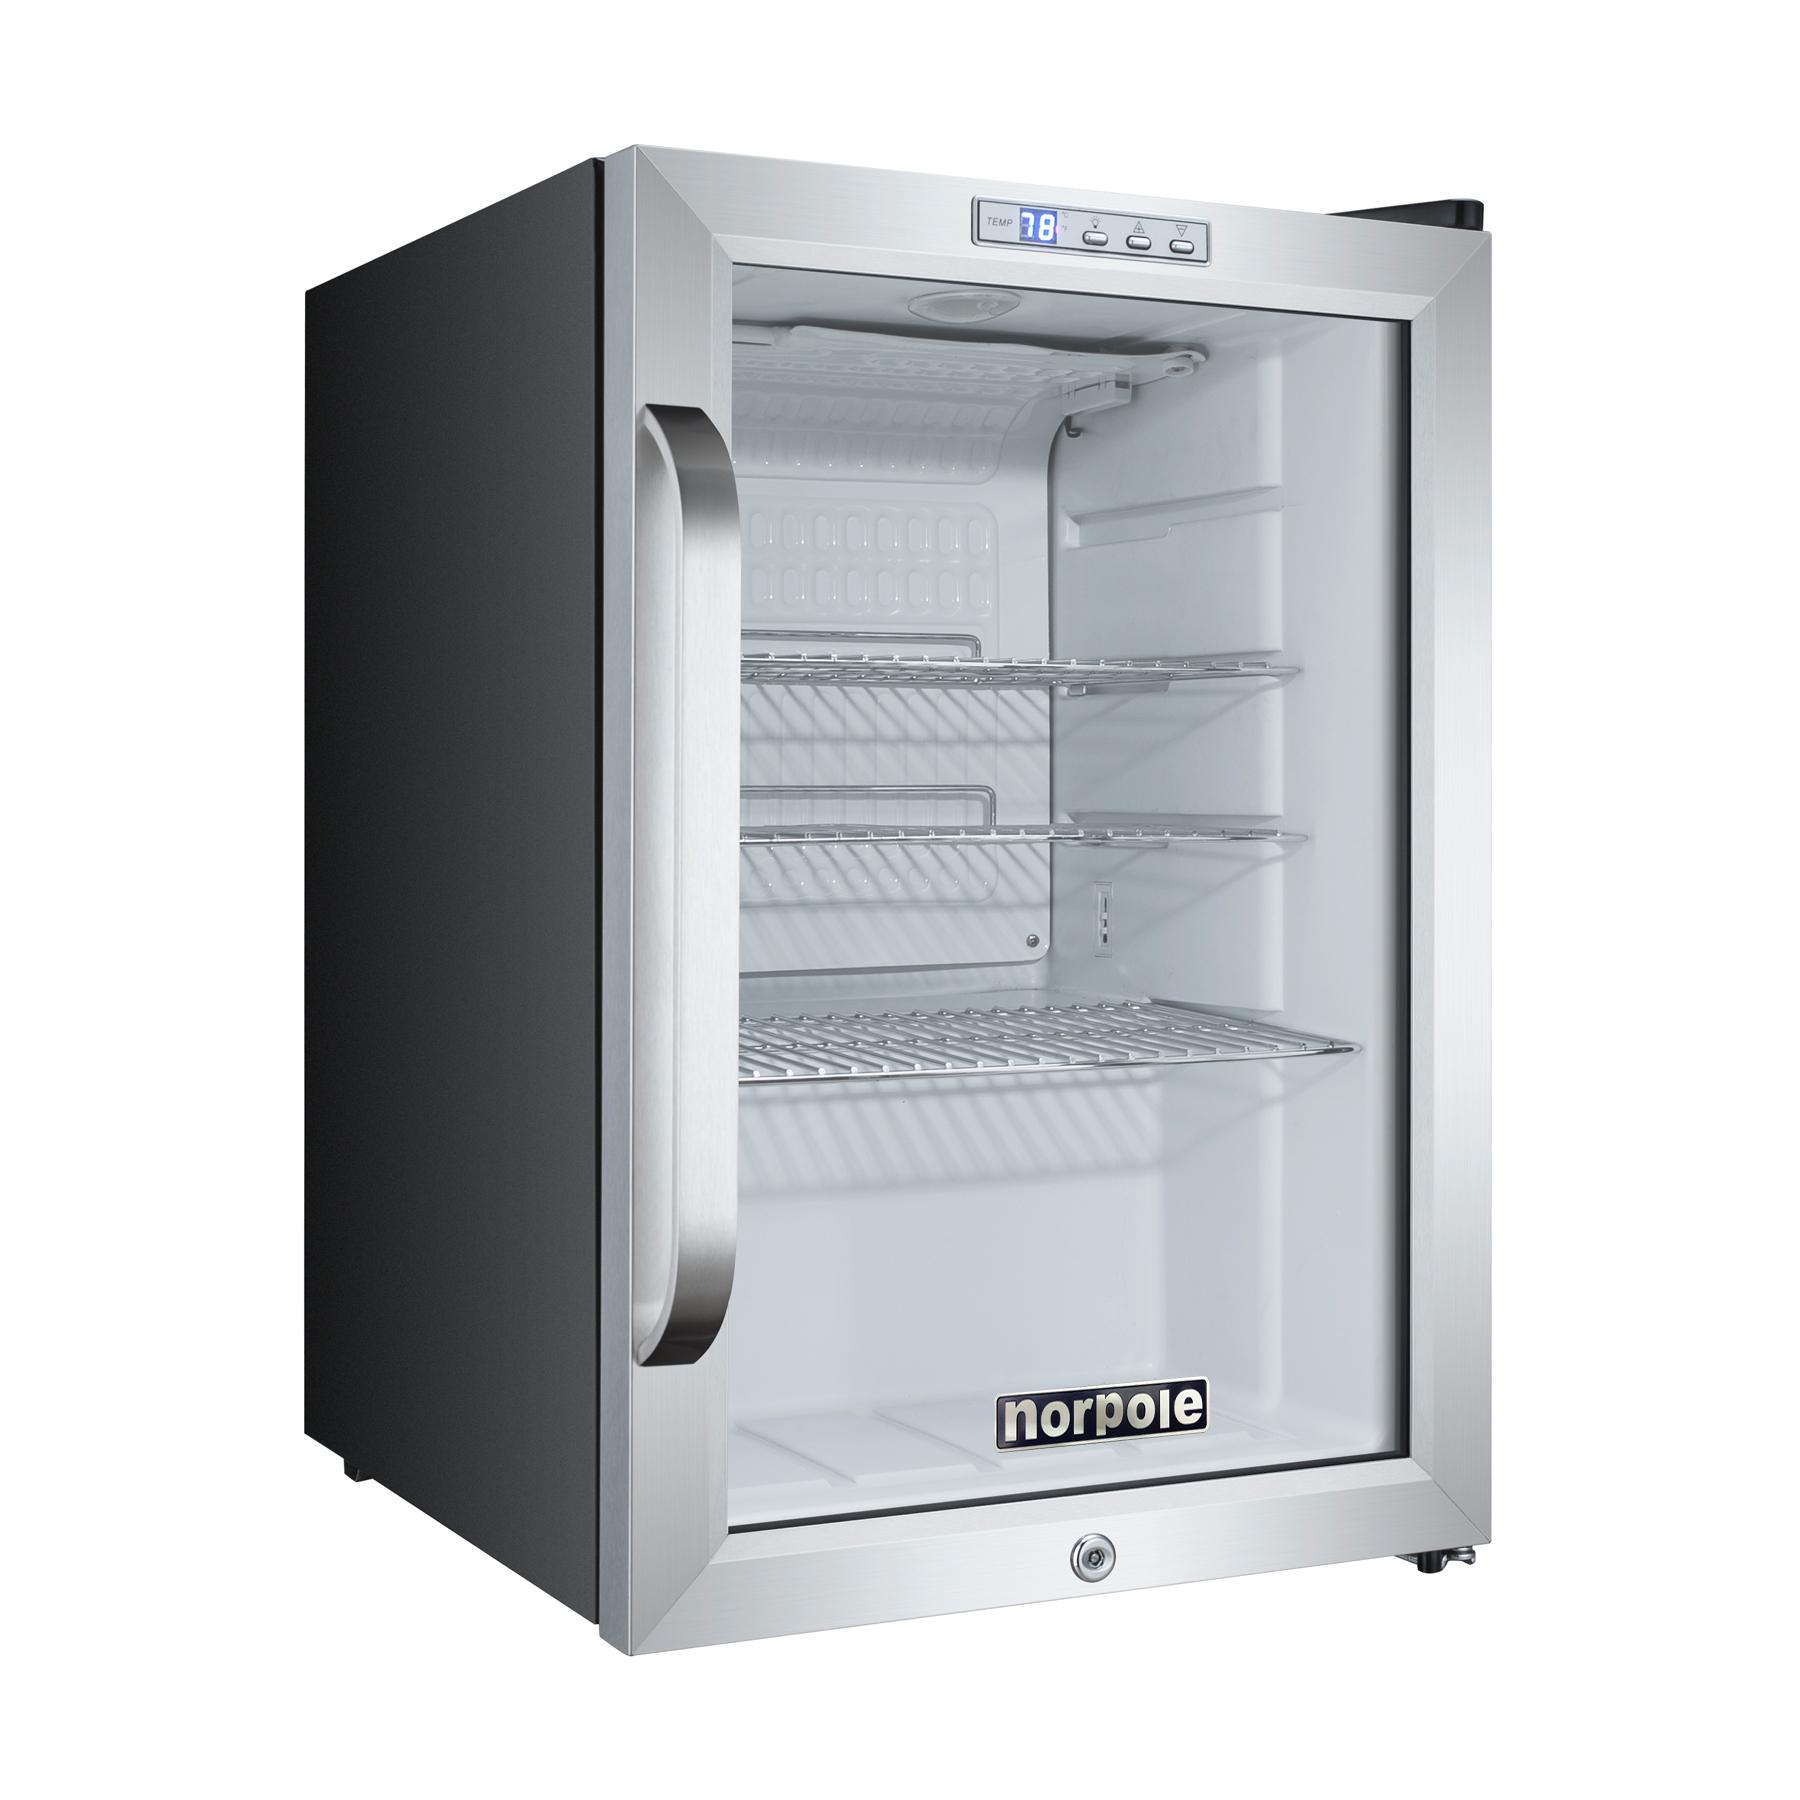 Norpole Npcm 25sb 1 Glass Door Swing Refrigerator In Black